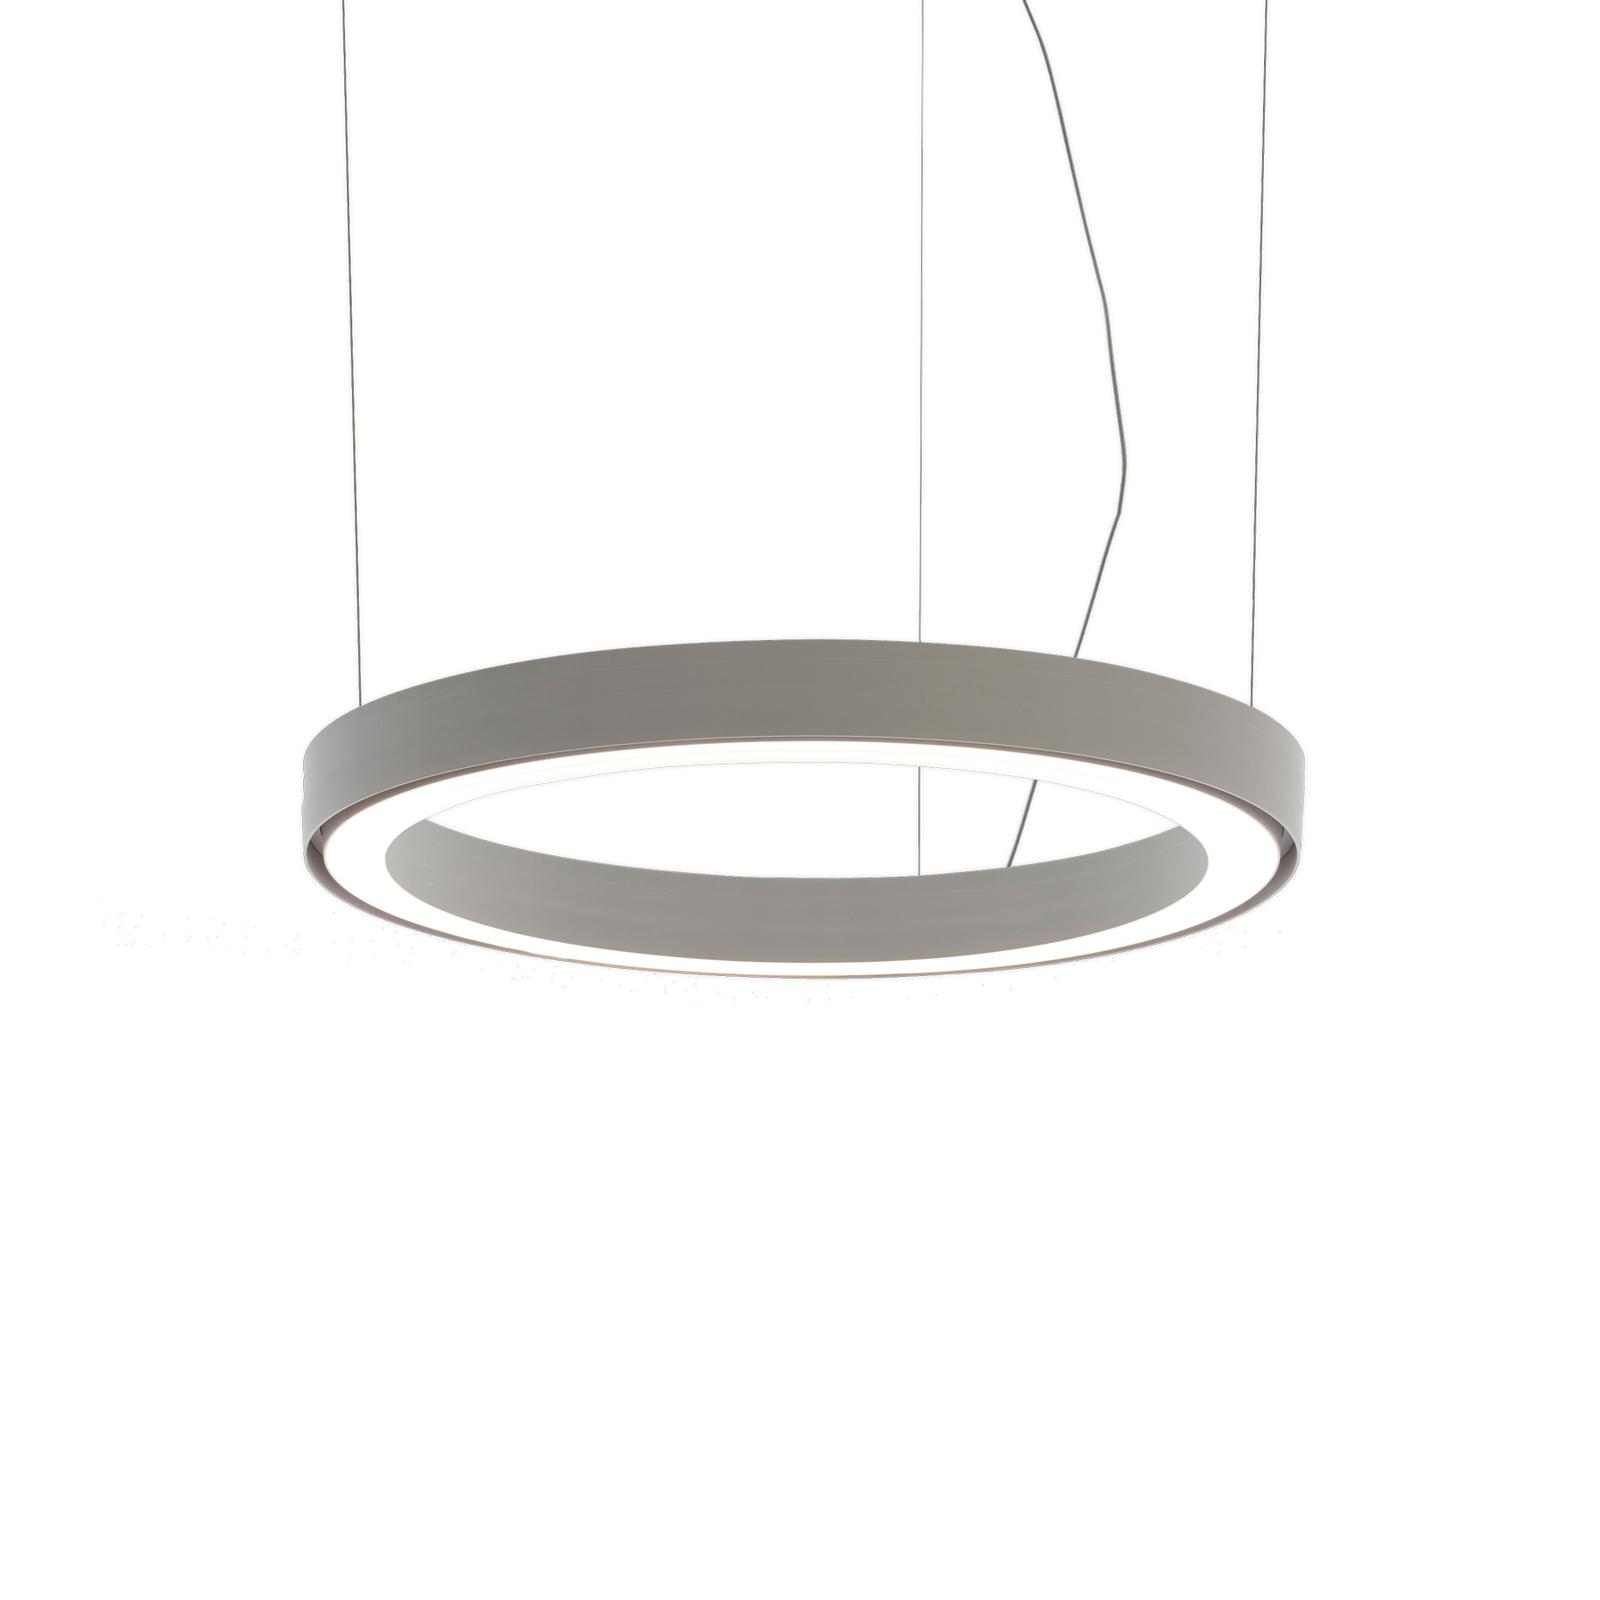 Artemide Ripple LED-hänglampa vit, Ø 50 cm